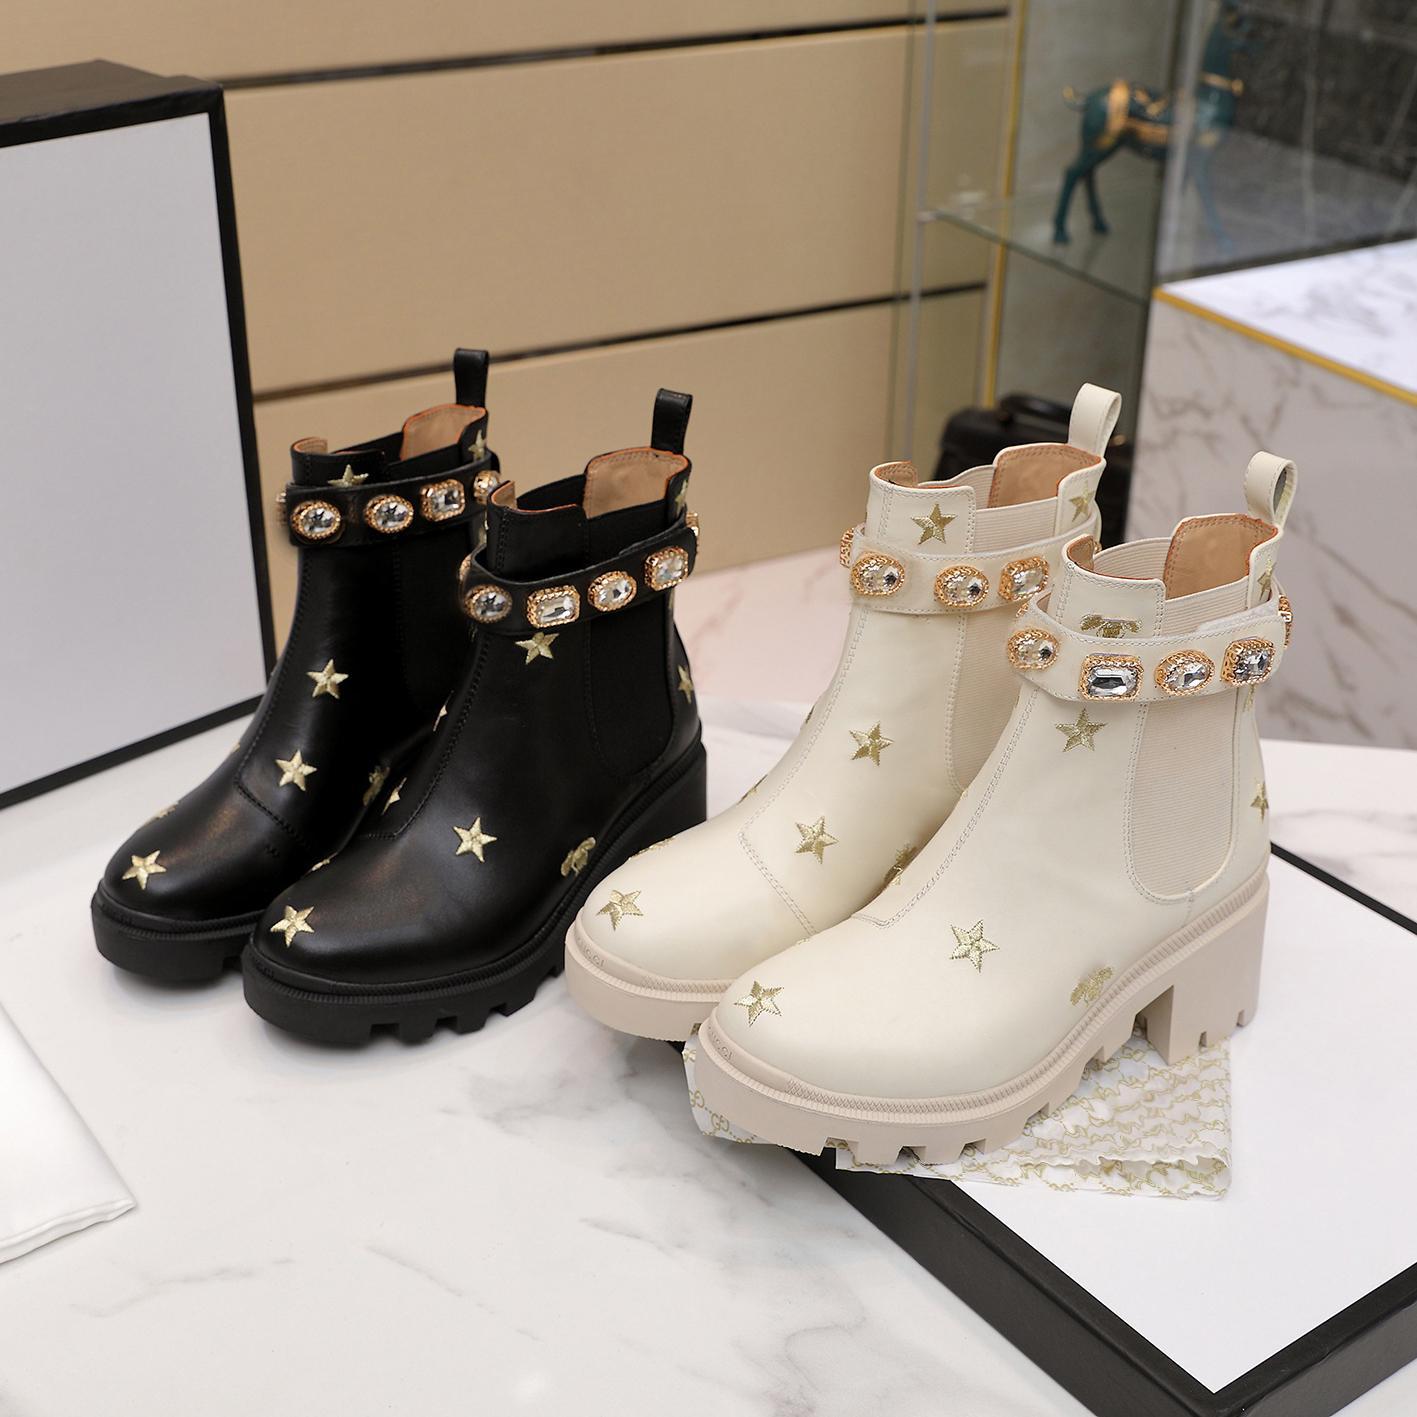 النساء أزياء الخريف الشتاء أسفل الأحذية السفلية أبيض أسود أبيض أربطة رياضية مريحة لارتداء أحذية جلدية حقيقية غير قابلة للانزلاق